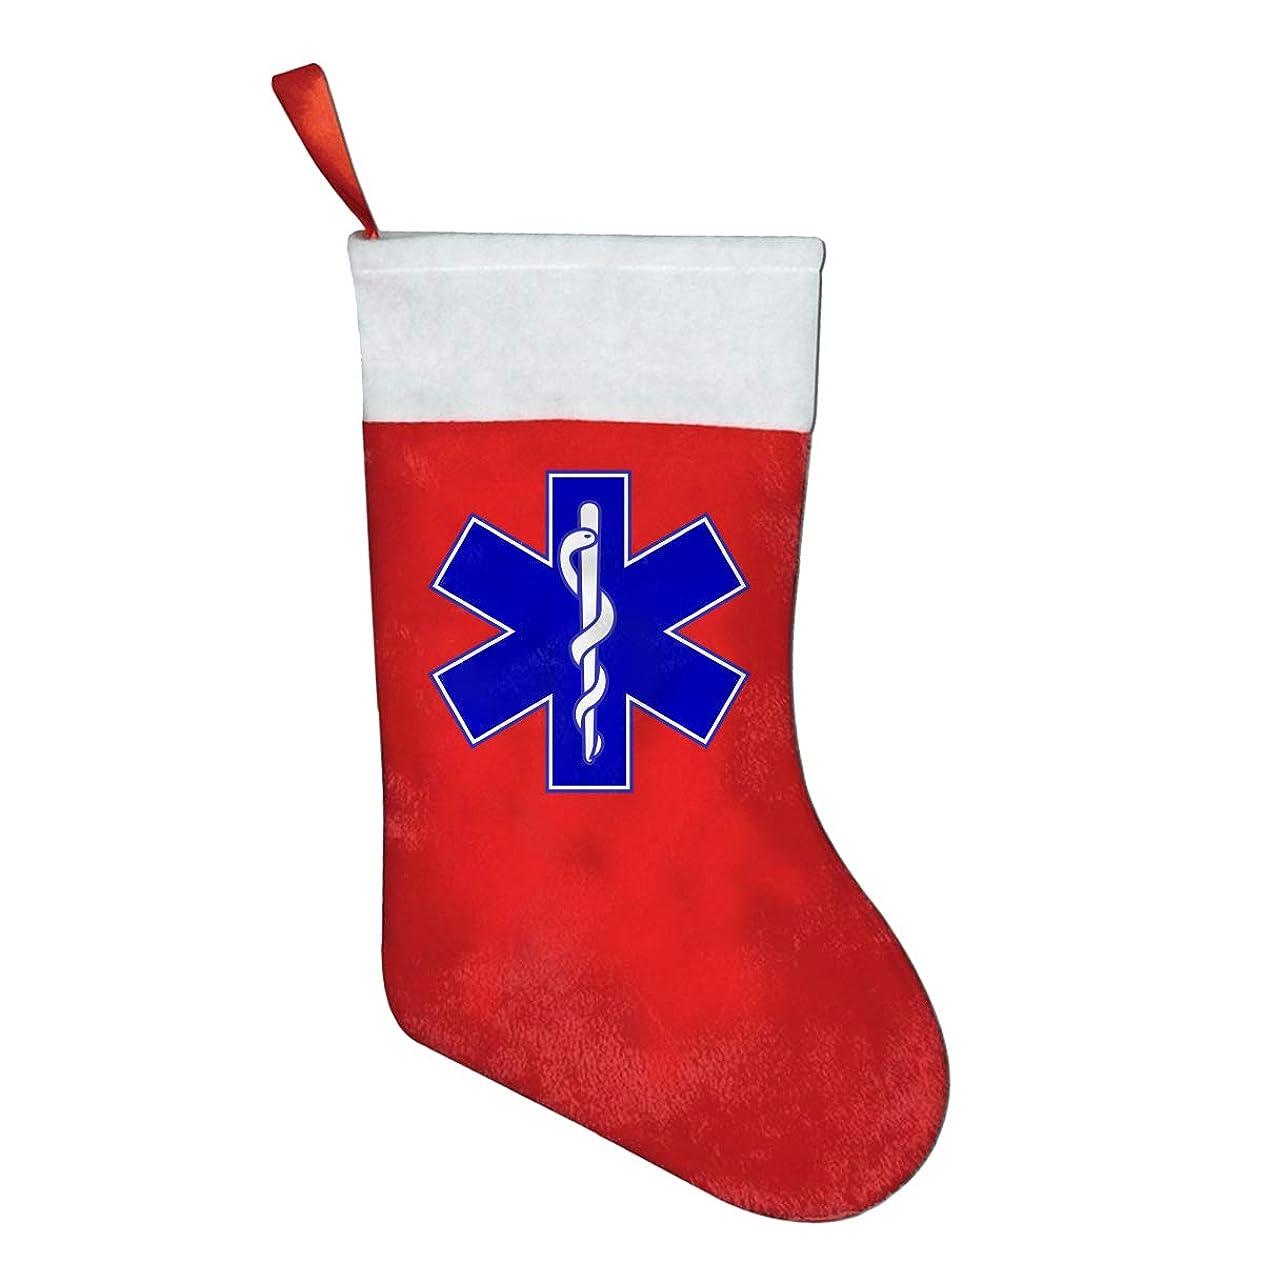 においティームクロスFQWEDY EMT 消防士 マルタ十字架 ファッション ユニークなクリスマスストッキング パーティー用ギフトソックス